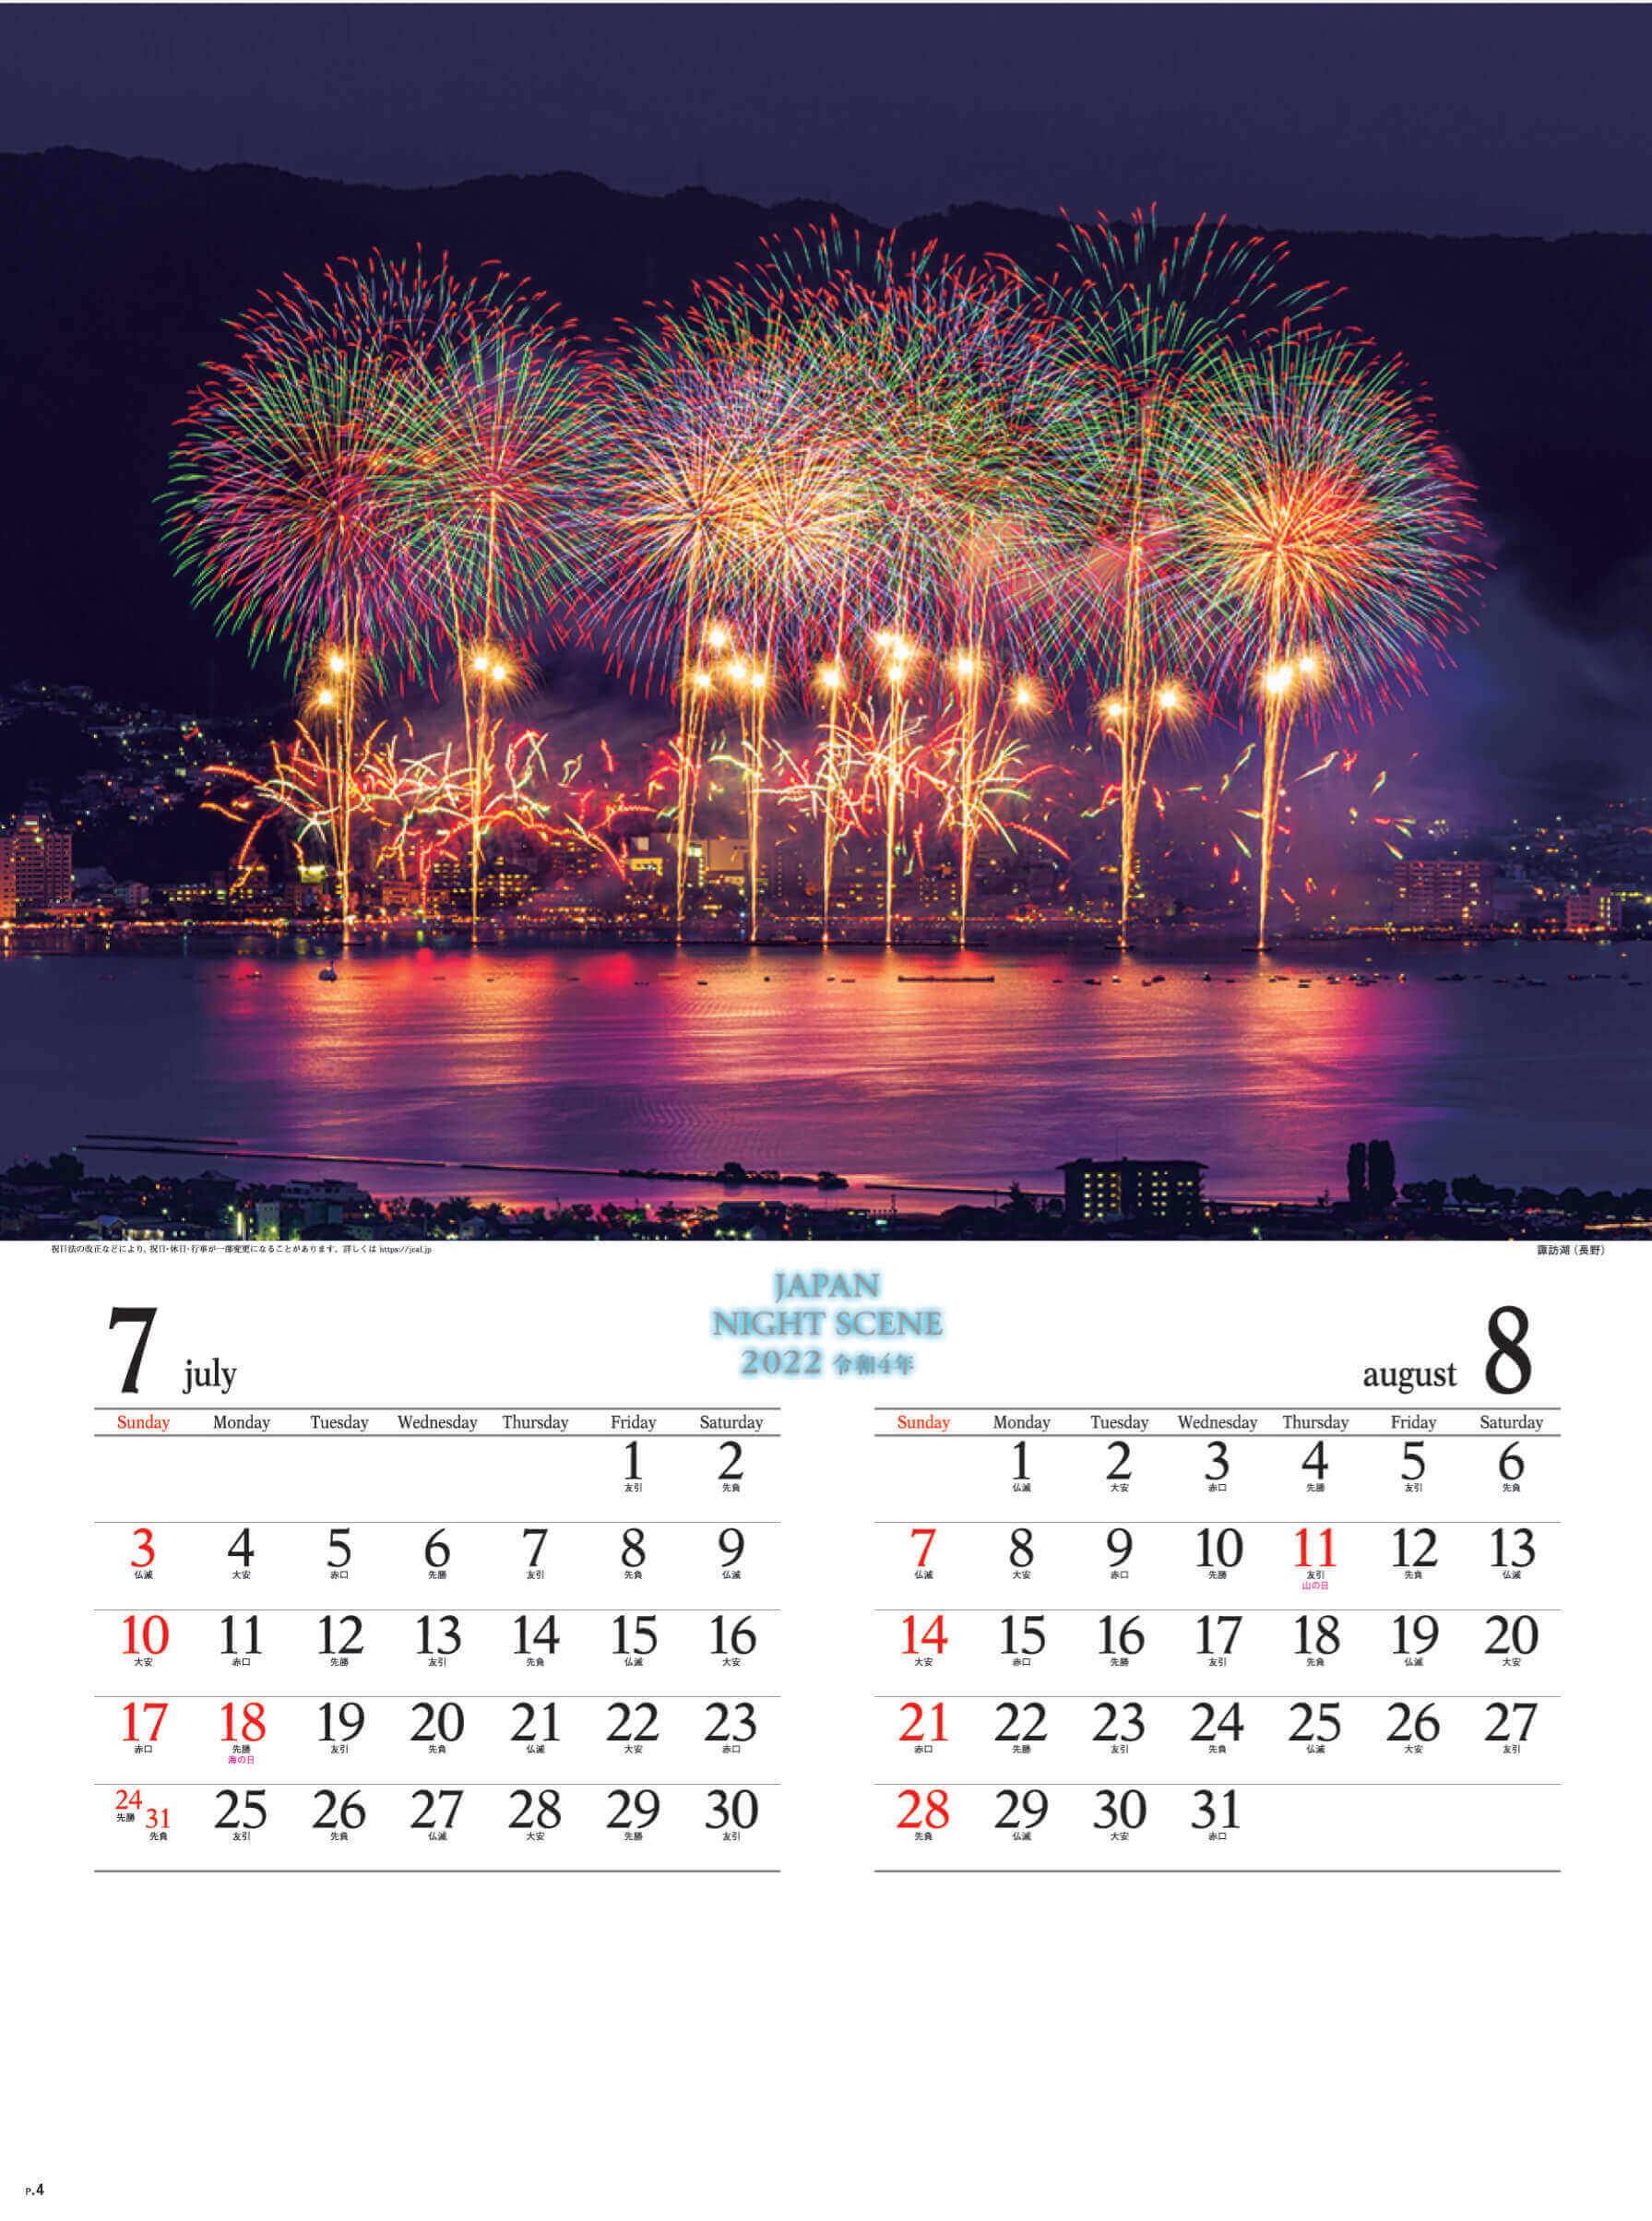 7-8月 諏訪湖(長野) ジャパンナイトシーン 2022年カレンダーの画像